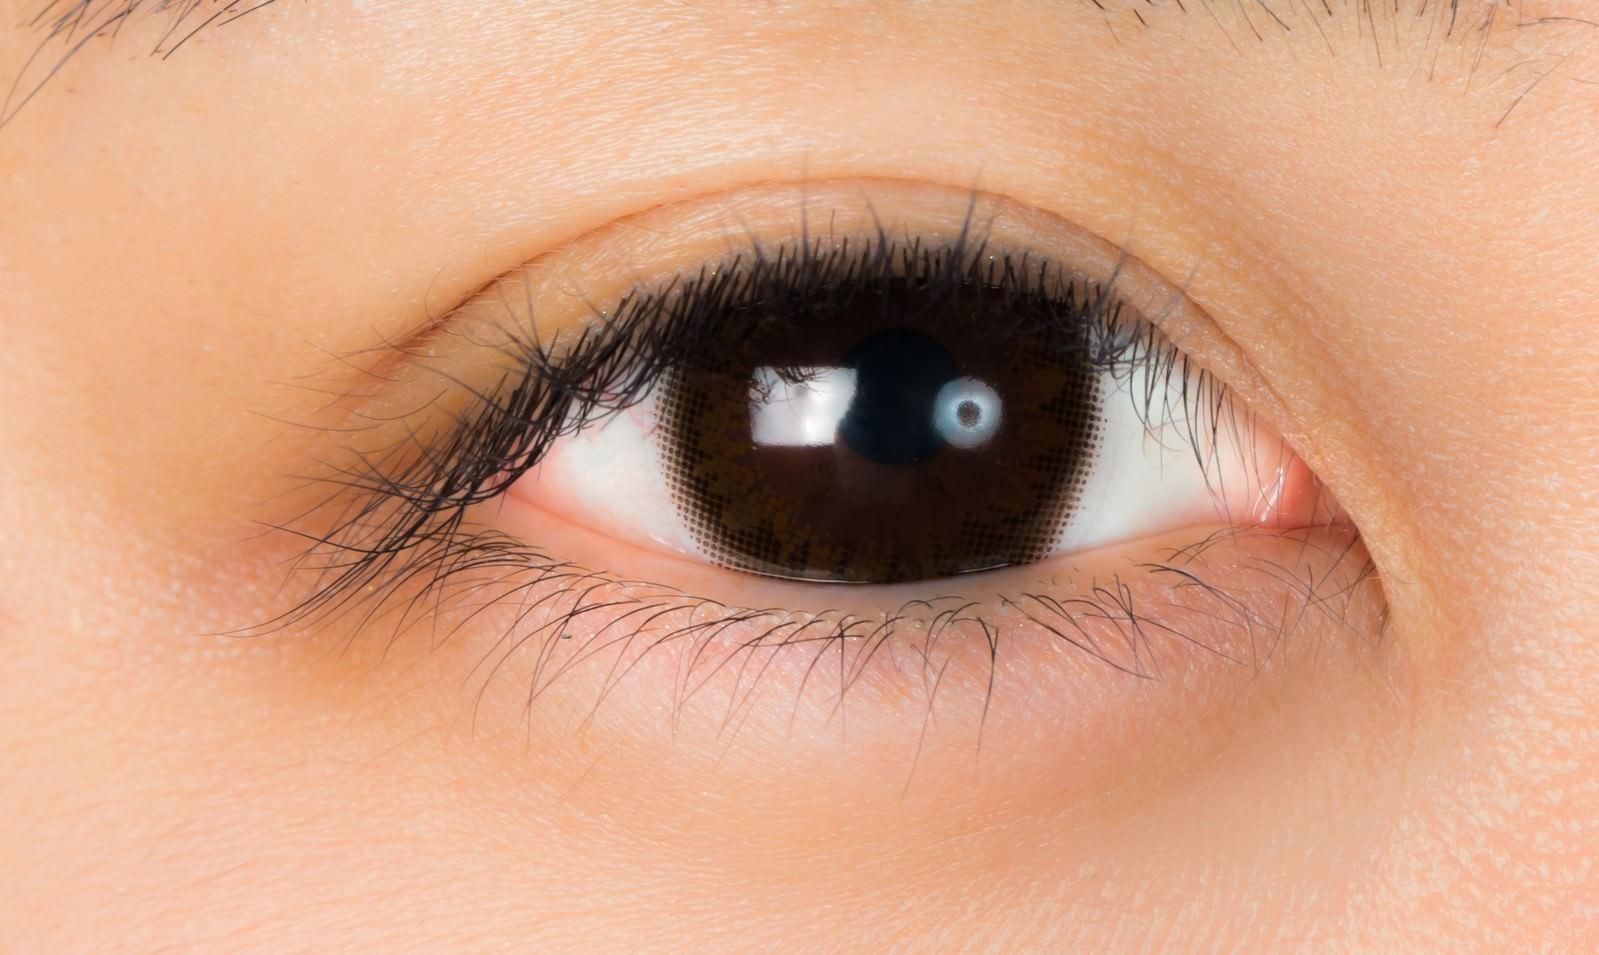 「カラコンを入れた目カラコンを入れた目」[モデル:河村友歌]のフリー写真素材を拡大